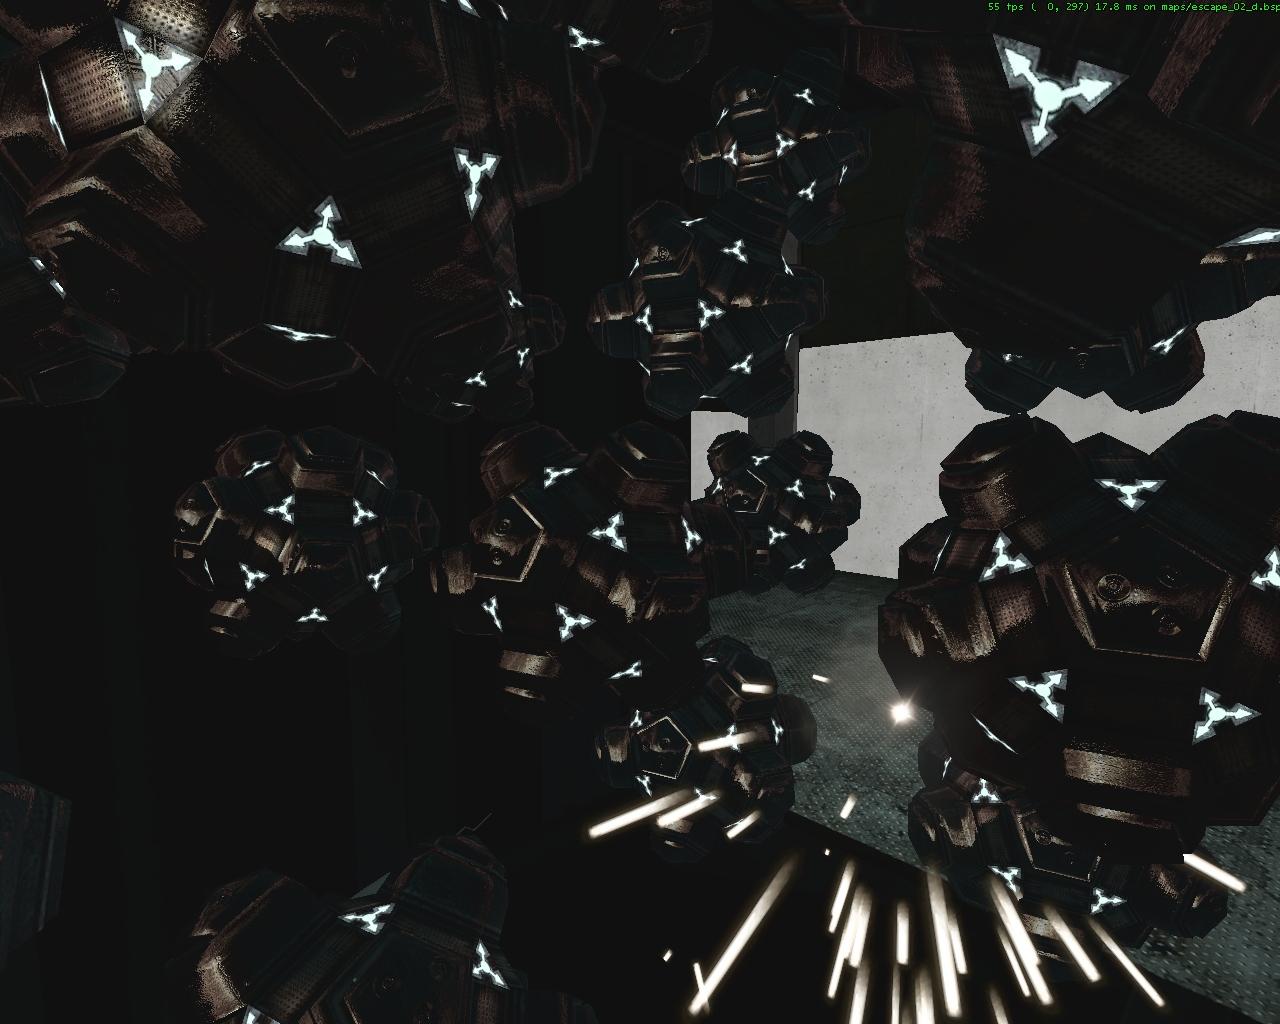 escape_02_d0077.jpg - Portal escape_02_d, Portal 2006, Portal Beta